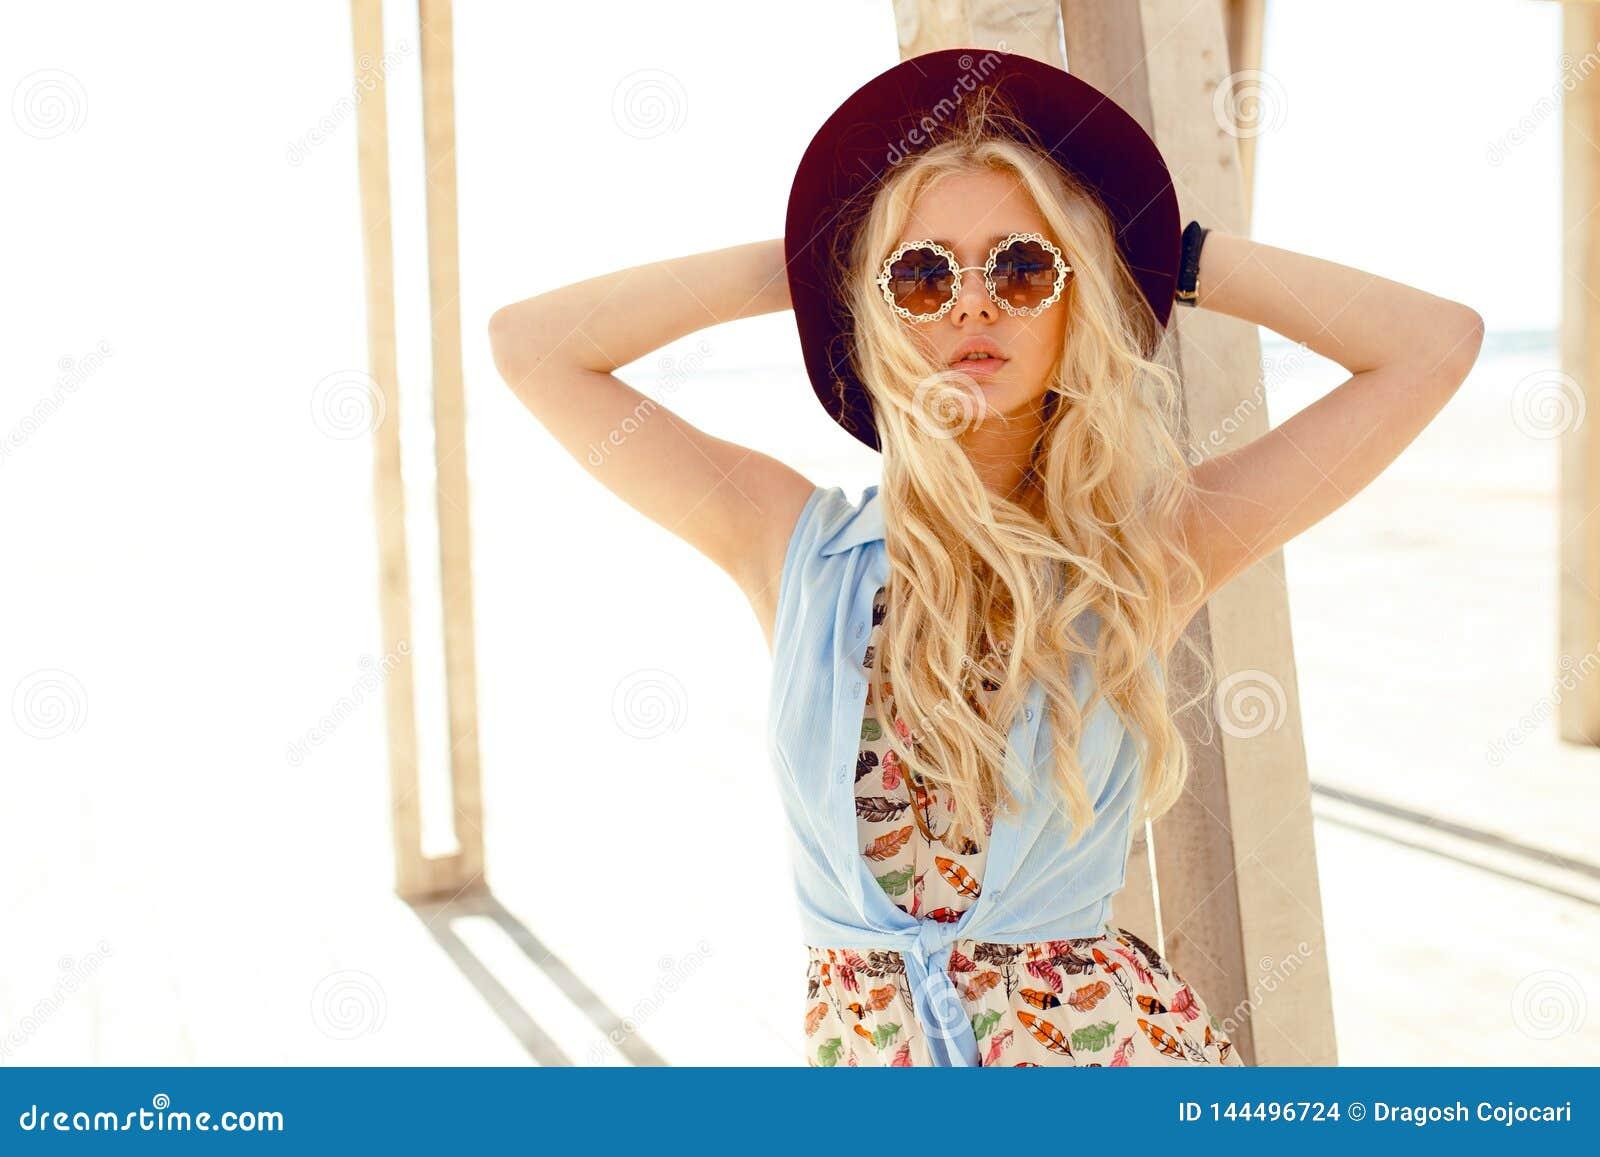 Το αισθησιακό ξανθό κορίτσι με τα στρογγυλά γυαλιά ηλίου, χαριτωμένο φόρεμα, τρίχα κυμάτων και burgundy καπέλο, απολαμβάνει το φω